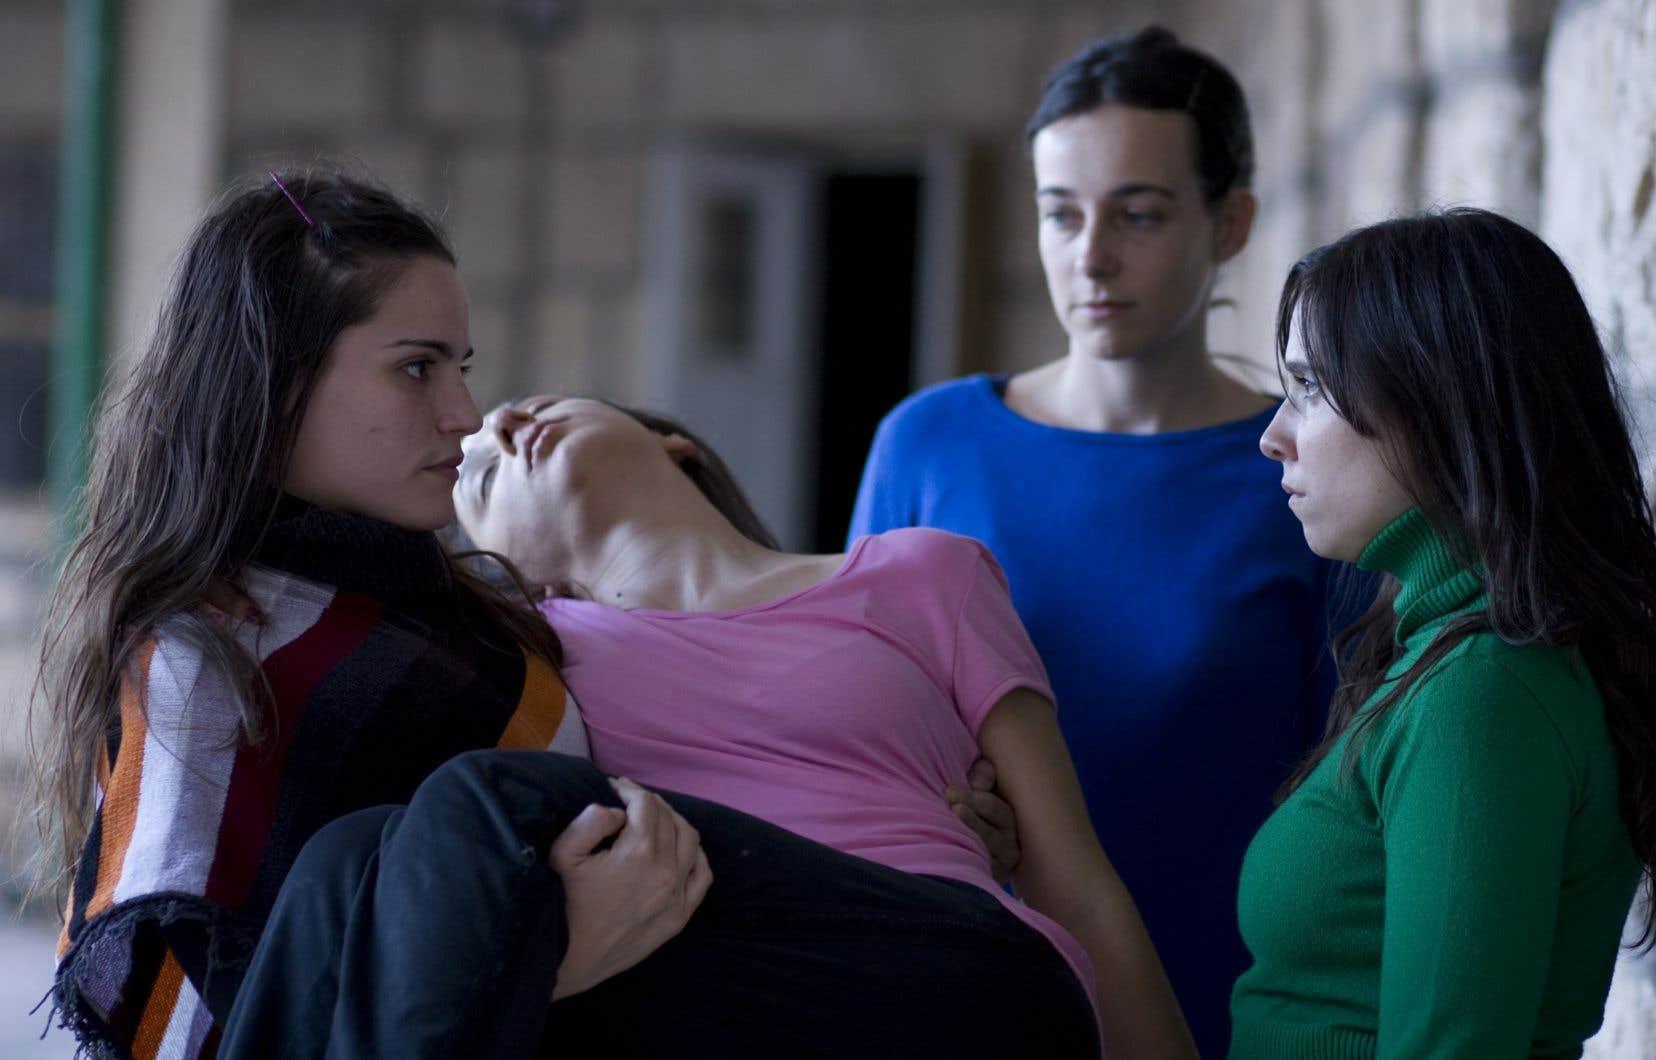 Les quatres fondatrices de la compagnie de théâtre Piel de lava, Elisa Carricajo, Valeria Correa, Pllar Gamboa et Laura Paredes, forment le noyau de «La Flor», où elles y jouent dans les six épisodes; jamais le même personnage, jamais du même ordre, et parfois dans plusieurs langues, du catalan au français, en passant par le quechua.